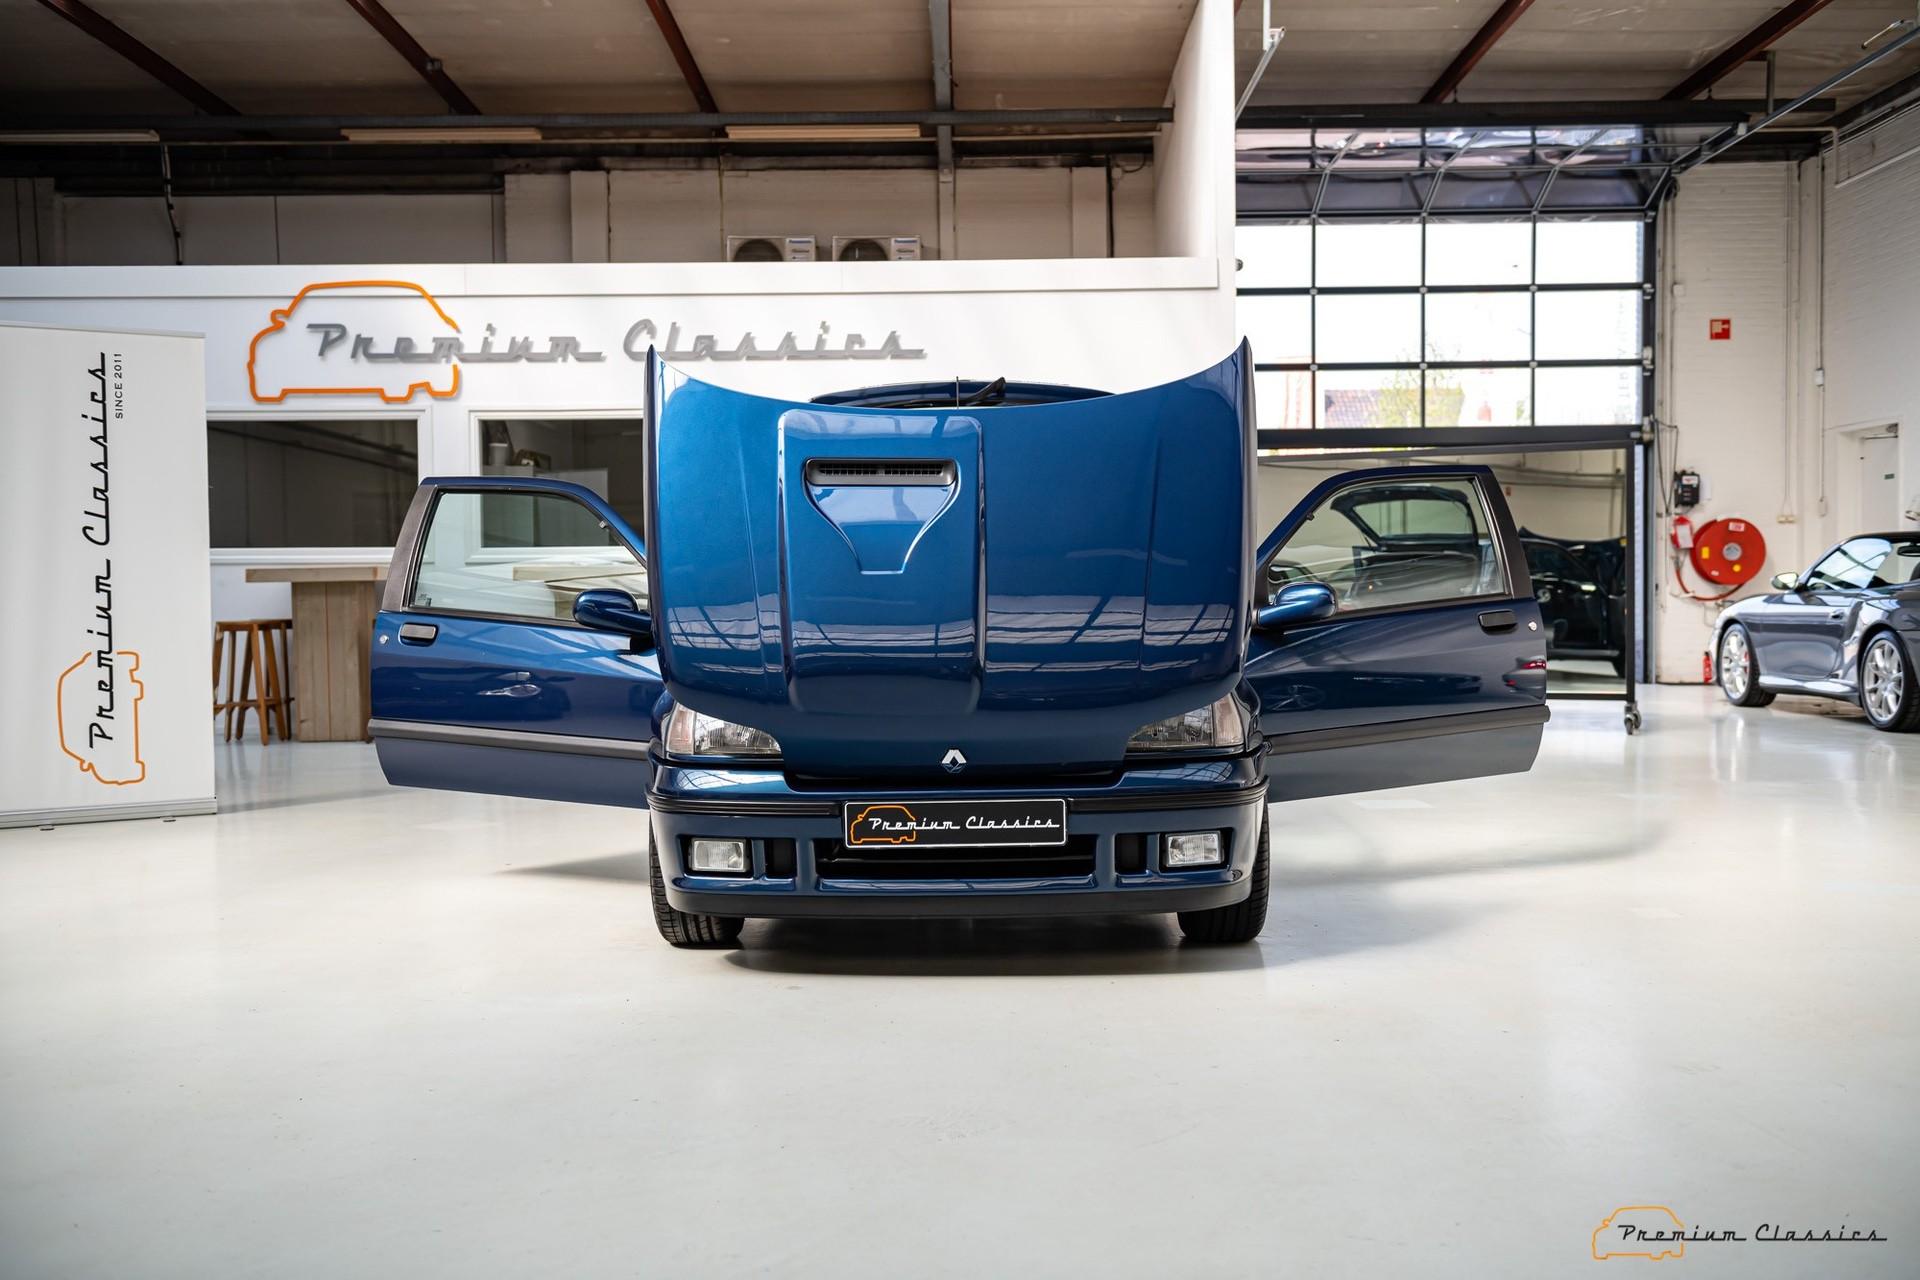 Renault_Clio_Williams_sale-0012